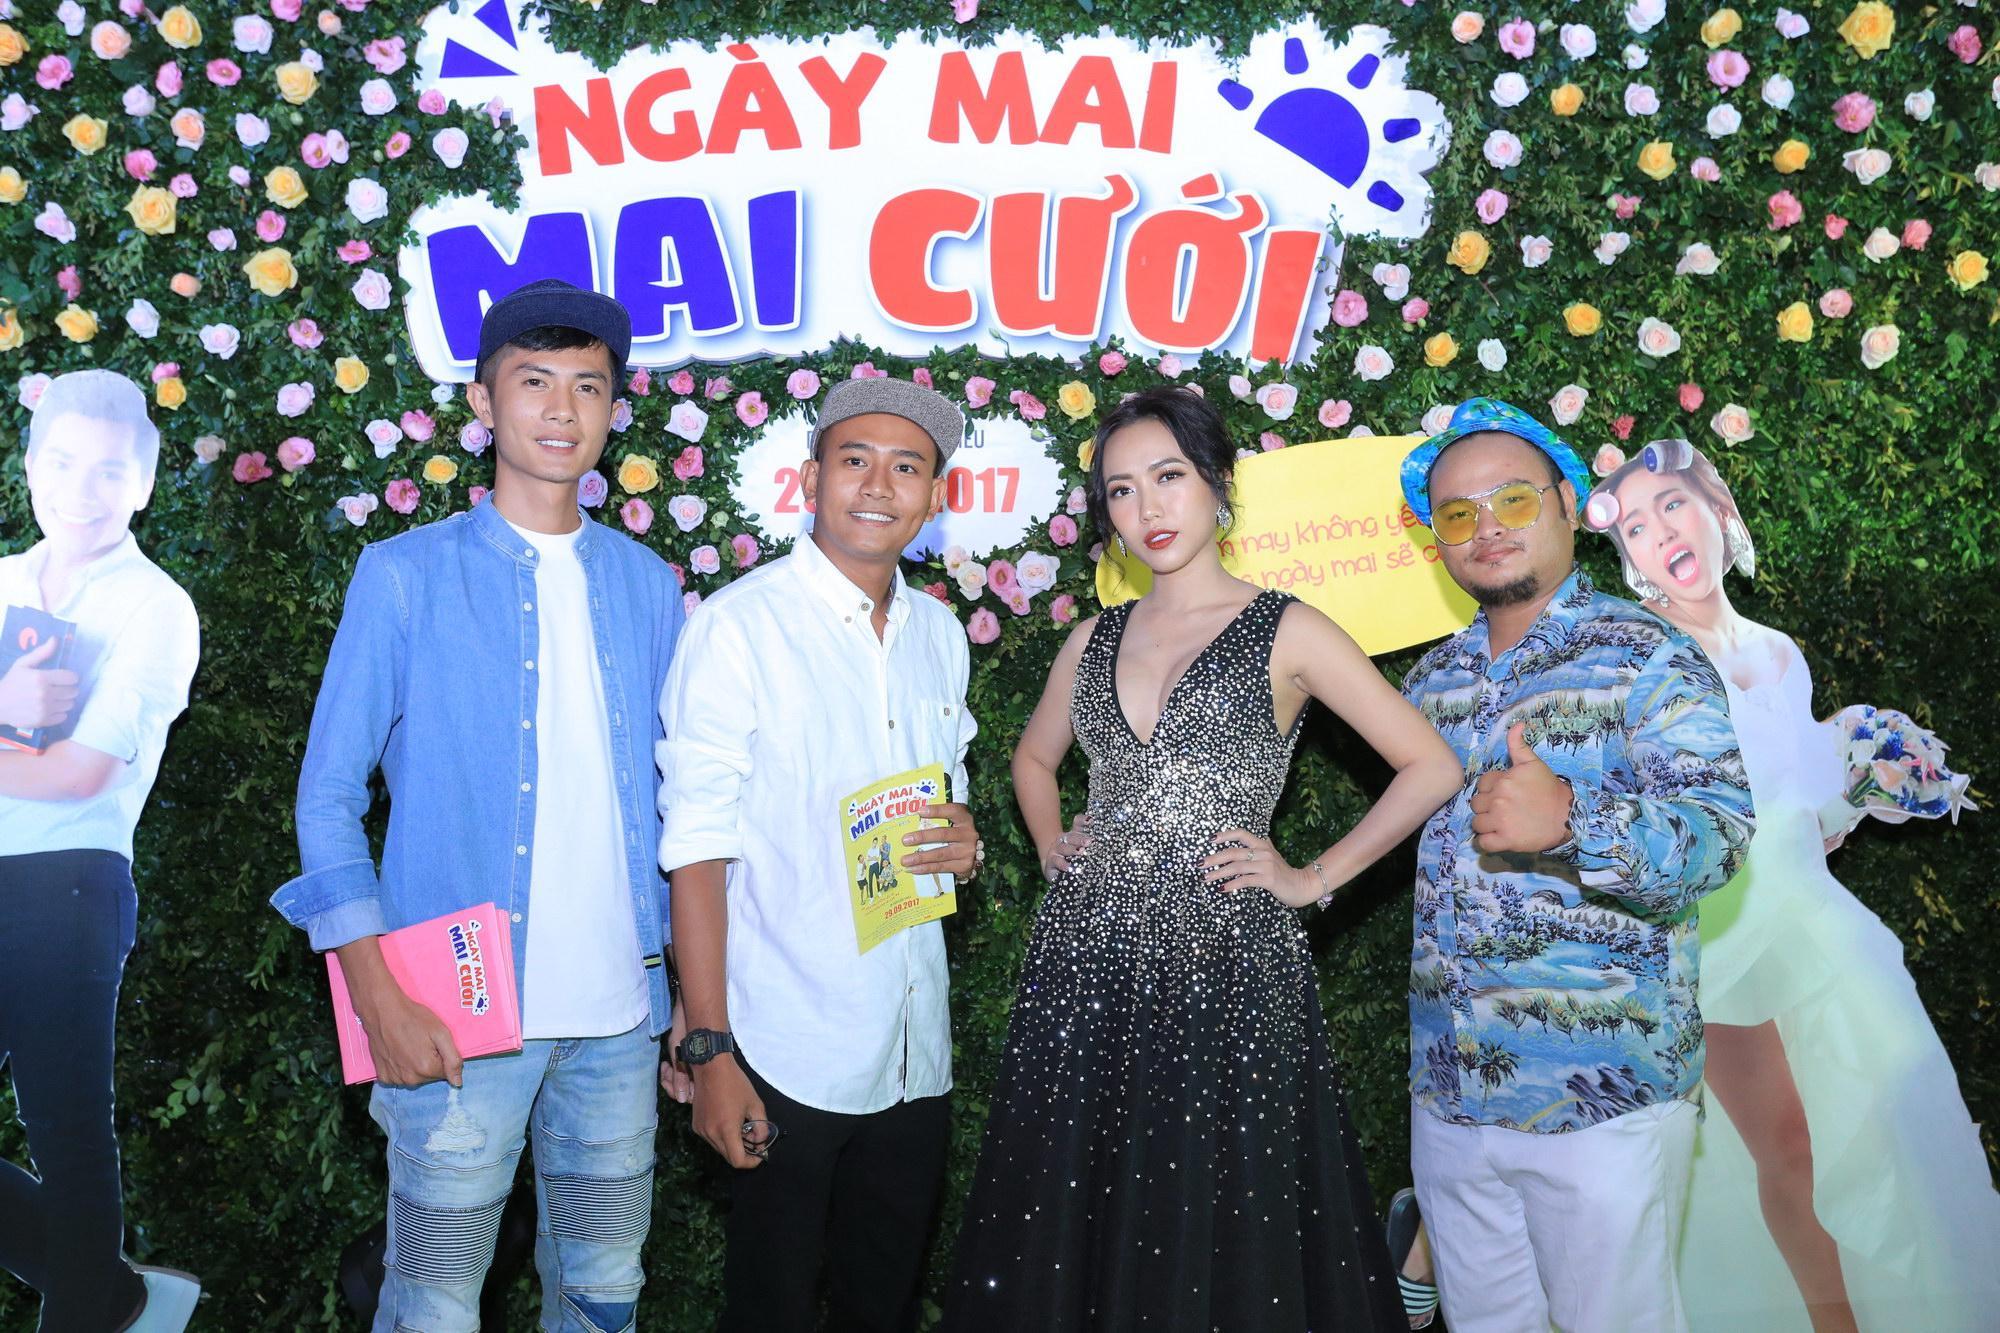 Gái ế Diệu Nhi khoe vòng một gợi cảm tại buổi ra mắt phim Ngày mai Mai cưới-8